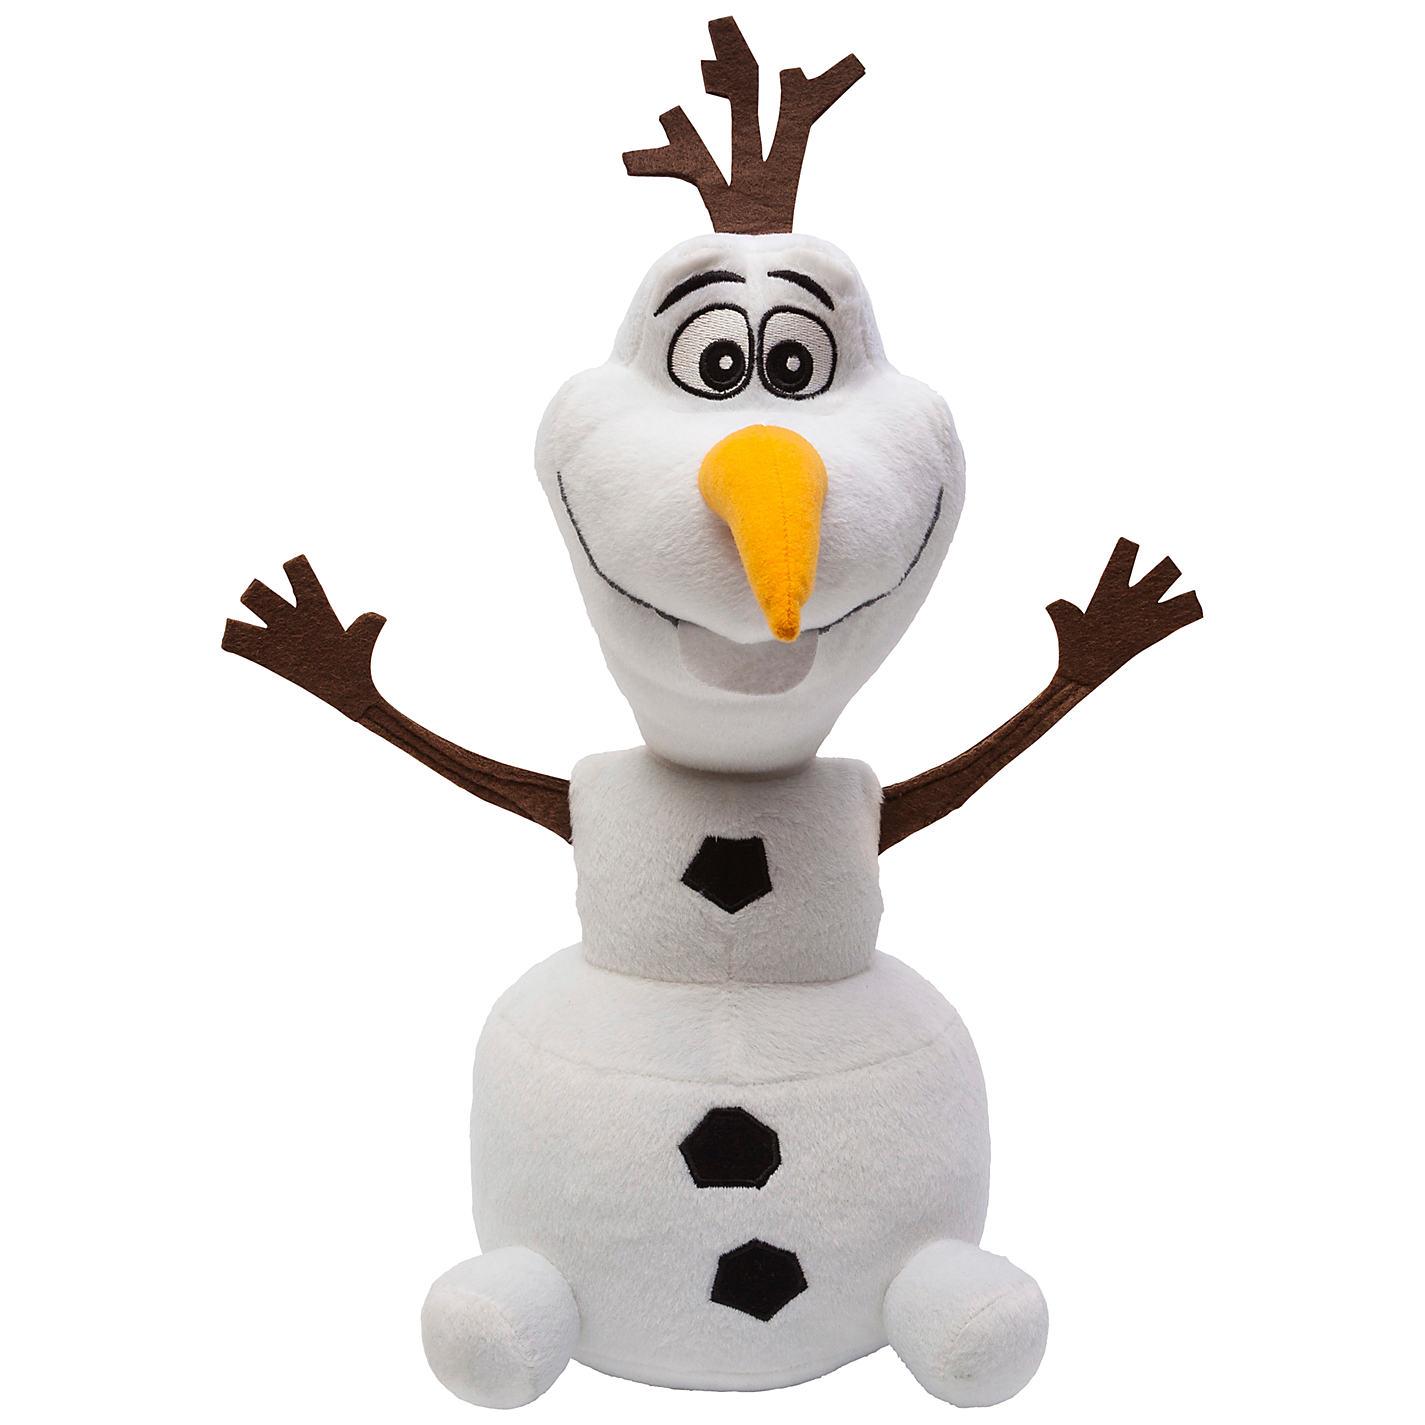 Мягкая игрушка - Снеговик Олаф, герой из м/ф Холодное Сердце, звуковые эффектыКуклы холодное сердце<br>Мягкая игрушка - Снеговик Олаф, герой из м/ф Холодное Сердце, звуковые эффекты<br>